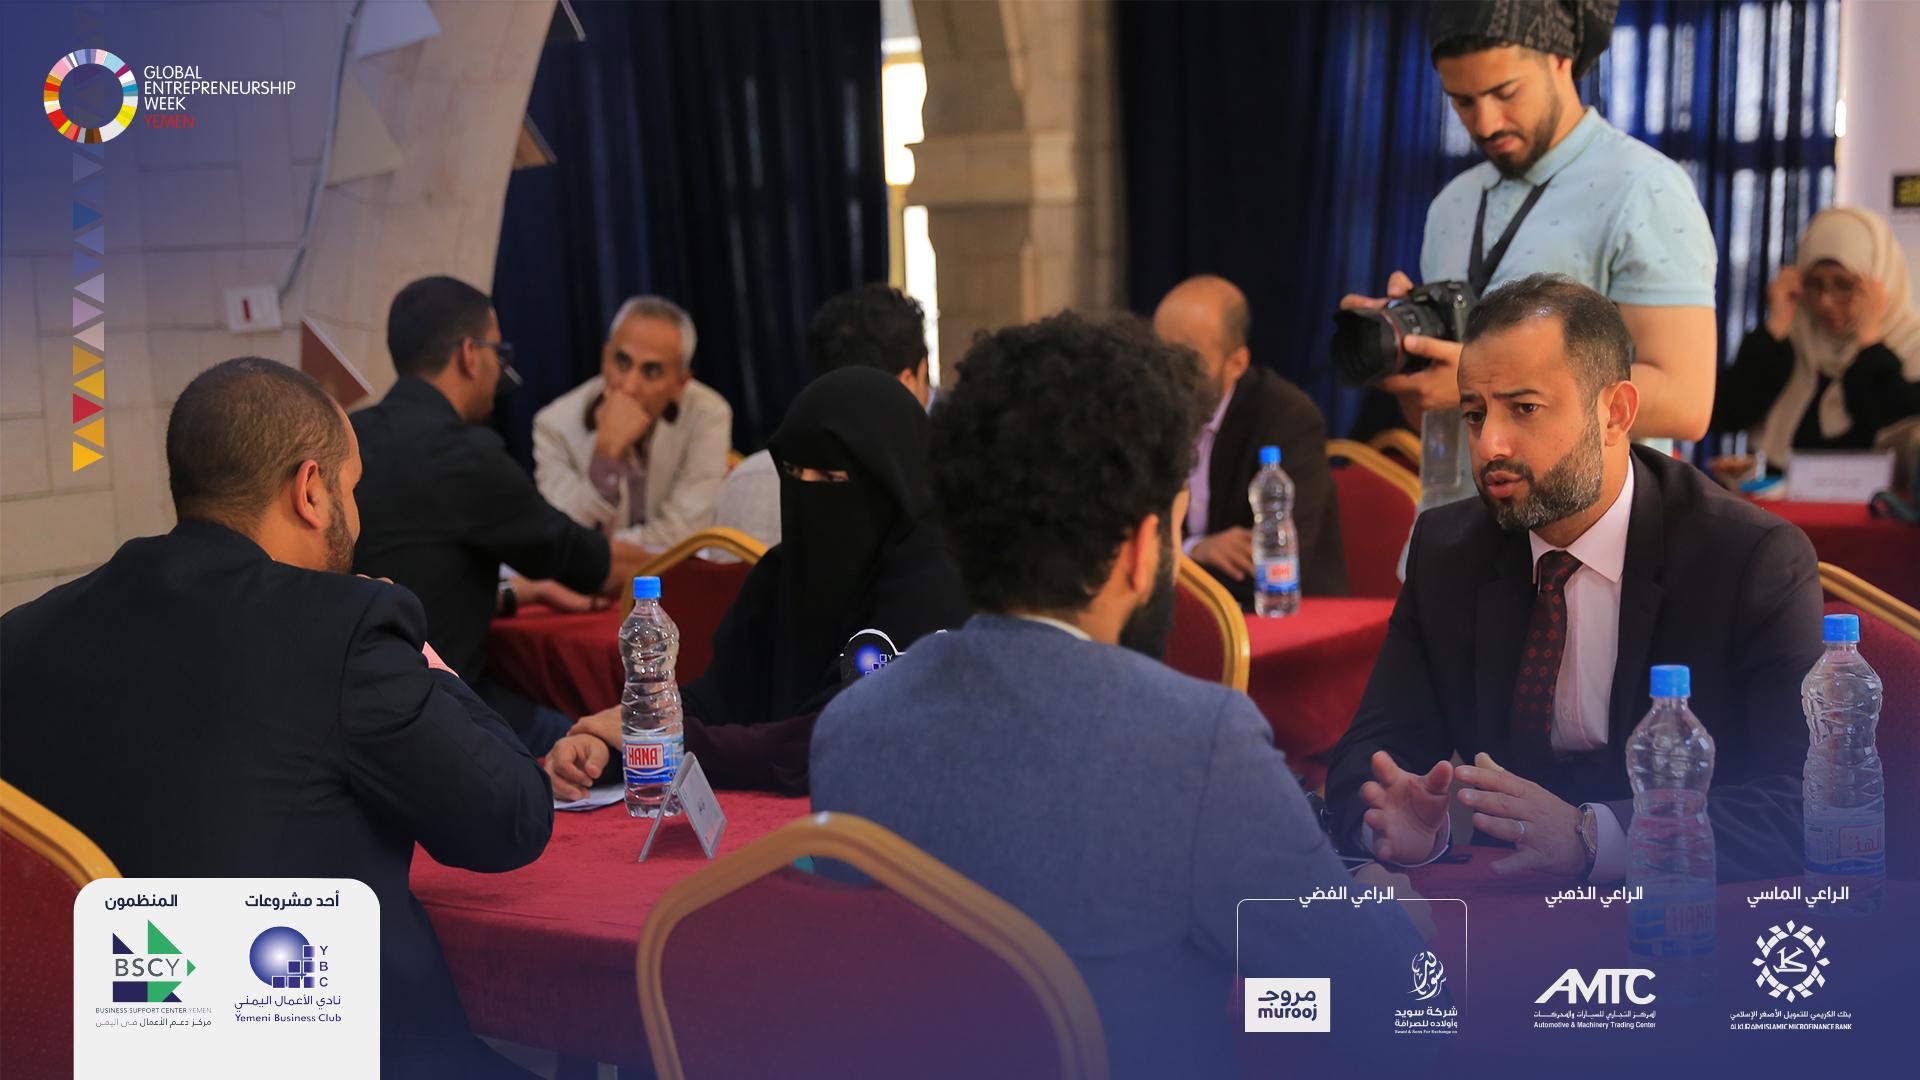 الجلسات الثنائية ضمن فعاليات الأسبوع العالمي لريادة الاعمال 2020م